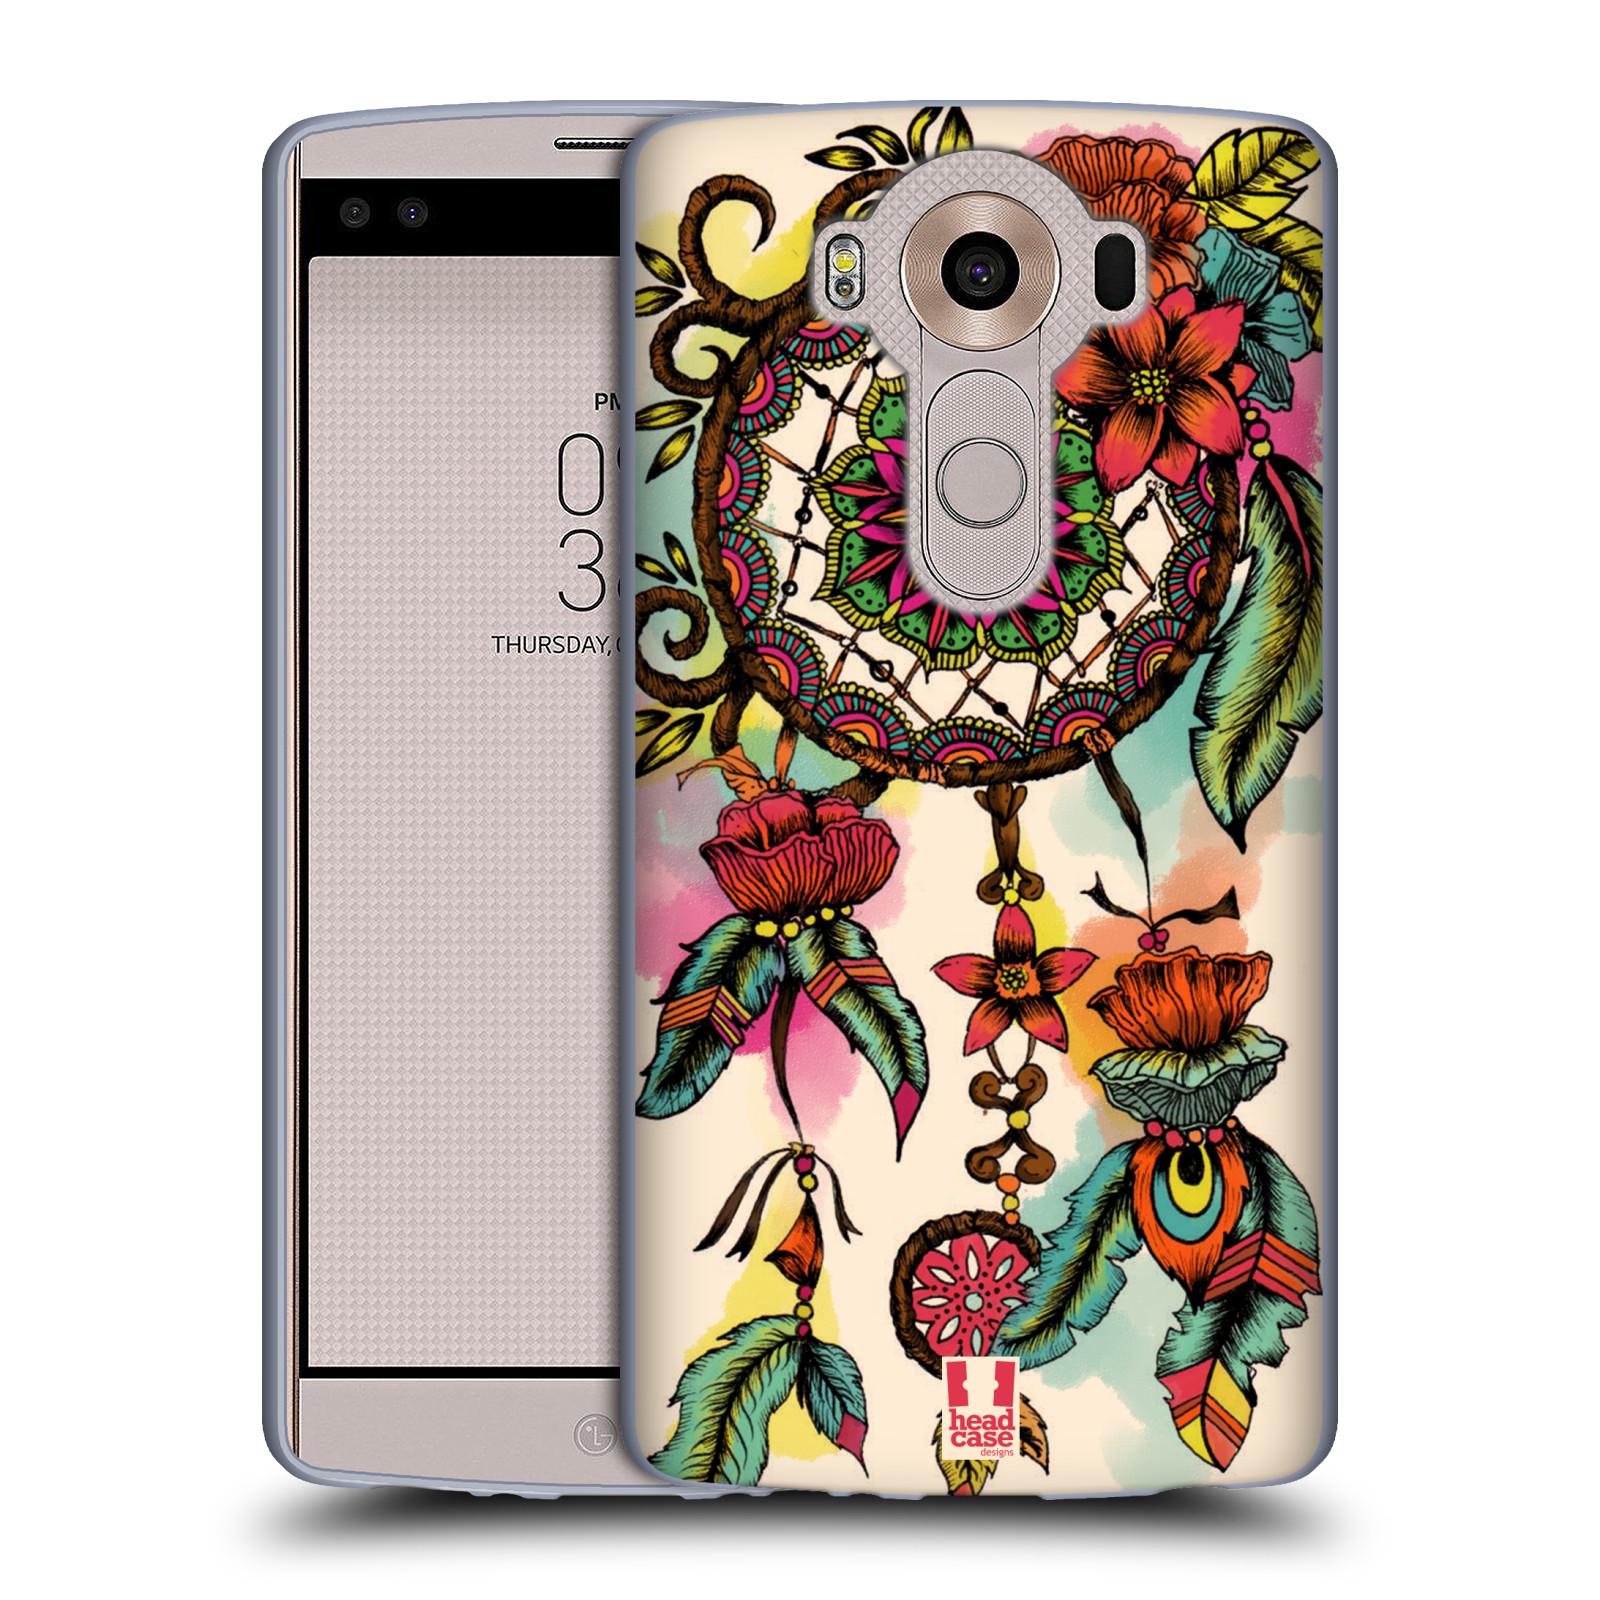 HEAD CASE silikonový obal na mobil LG V10 (H960A) vzor Květy lapač snů FLORID